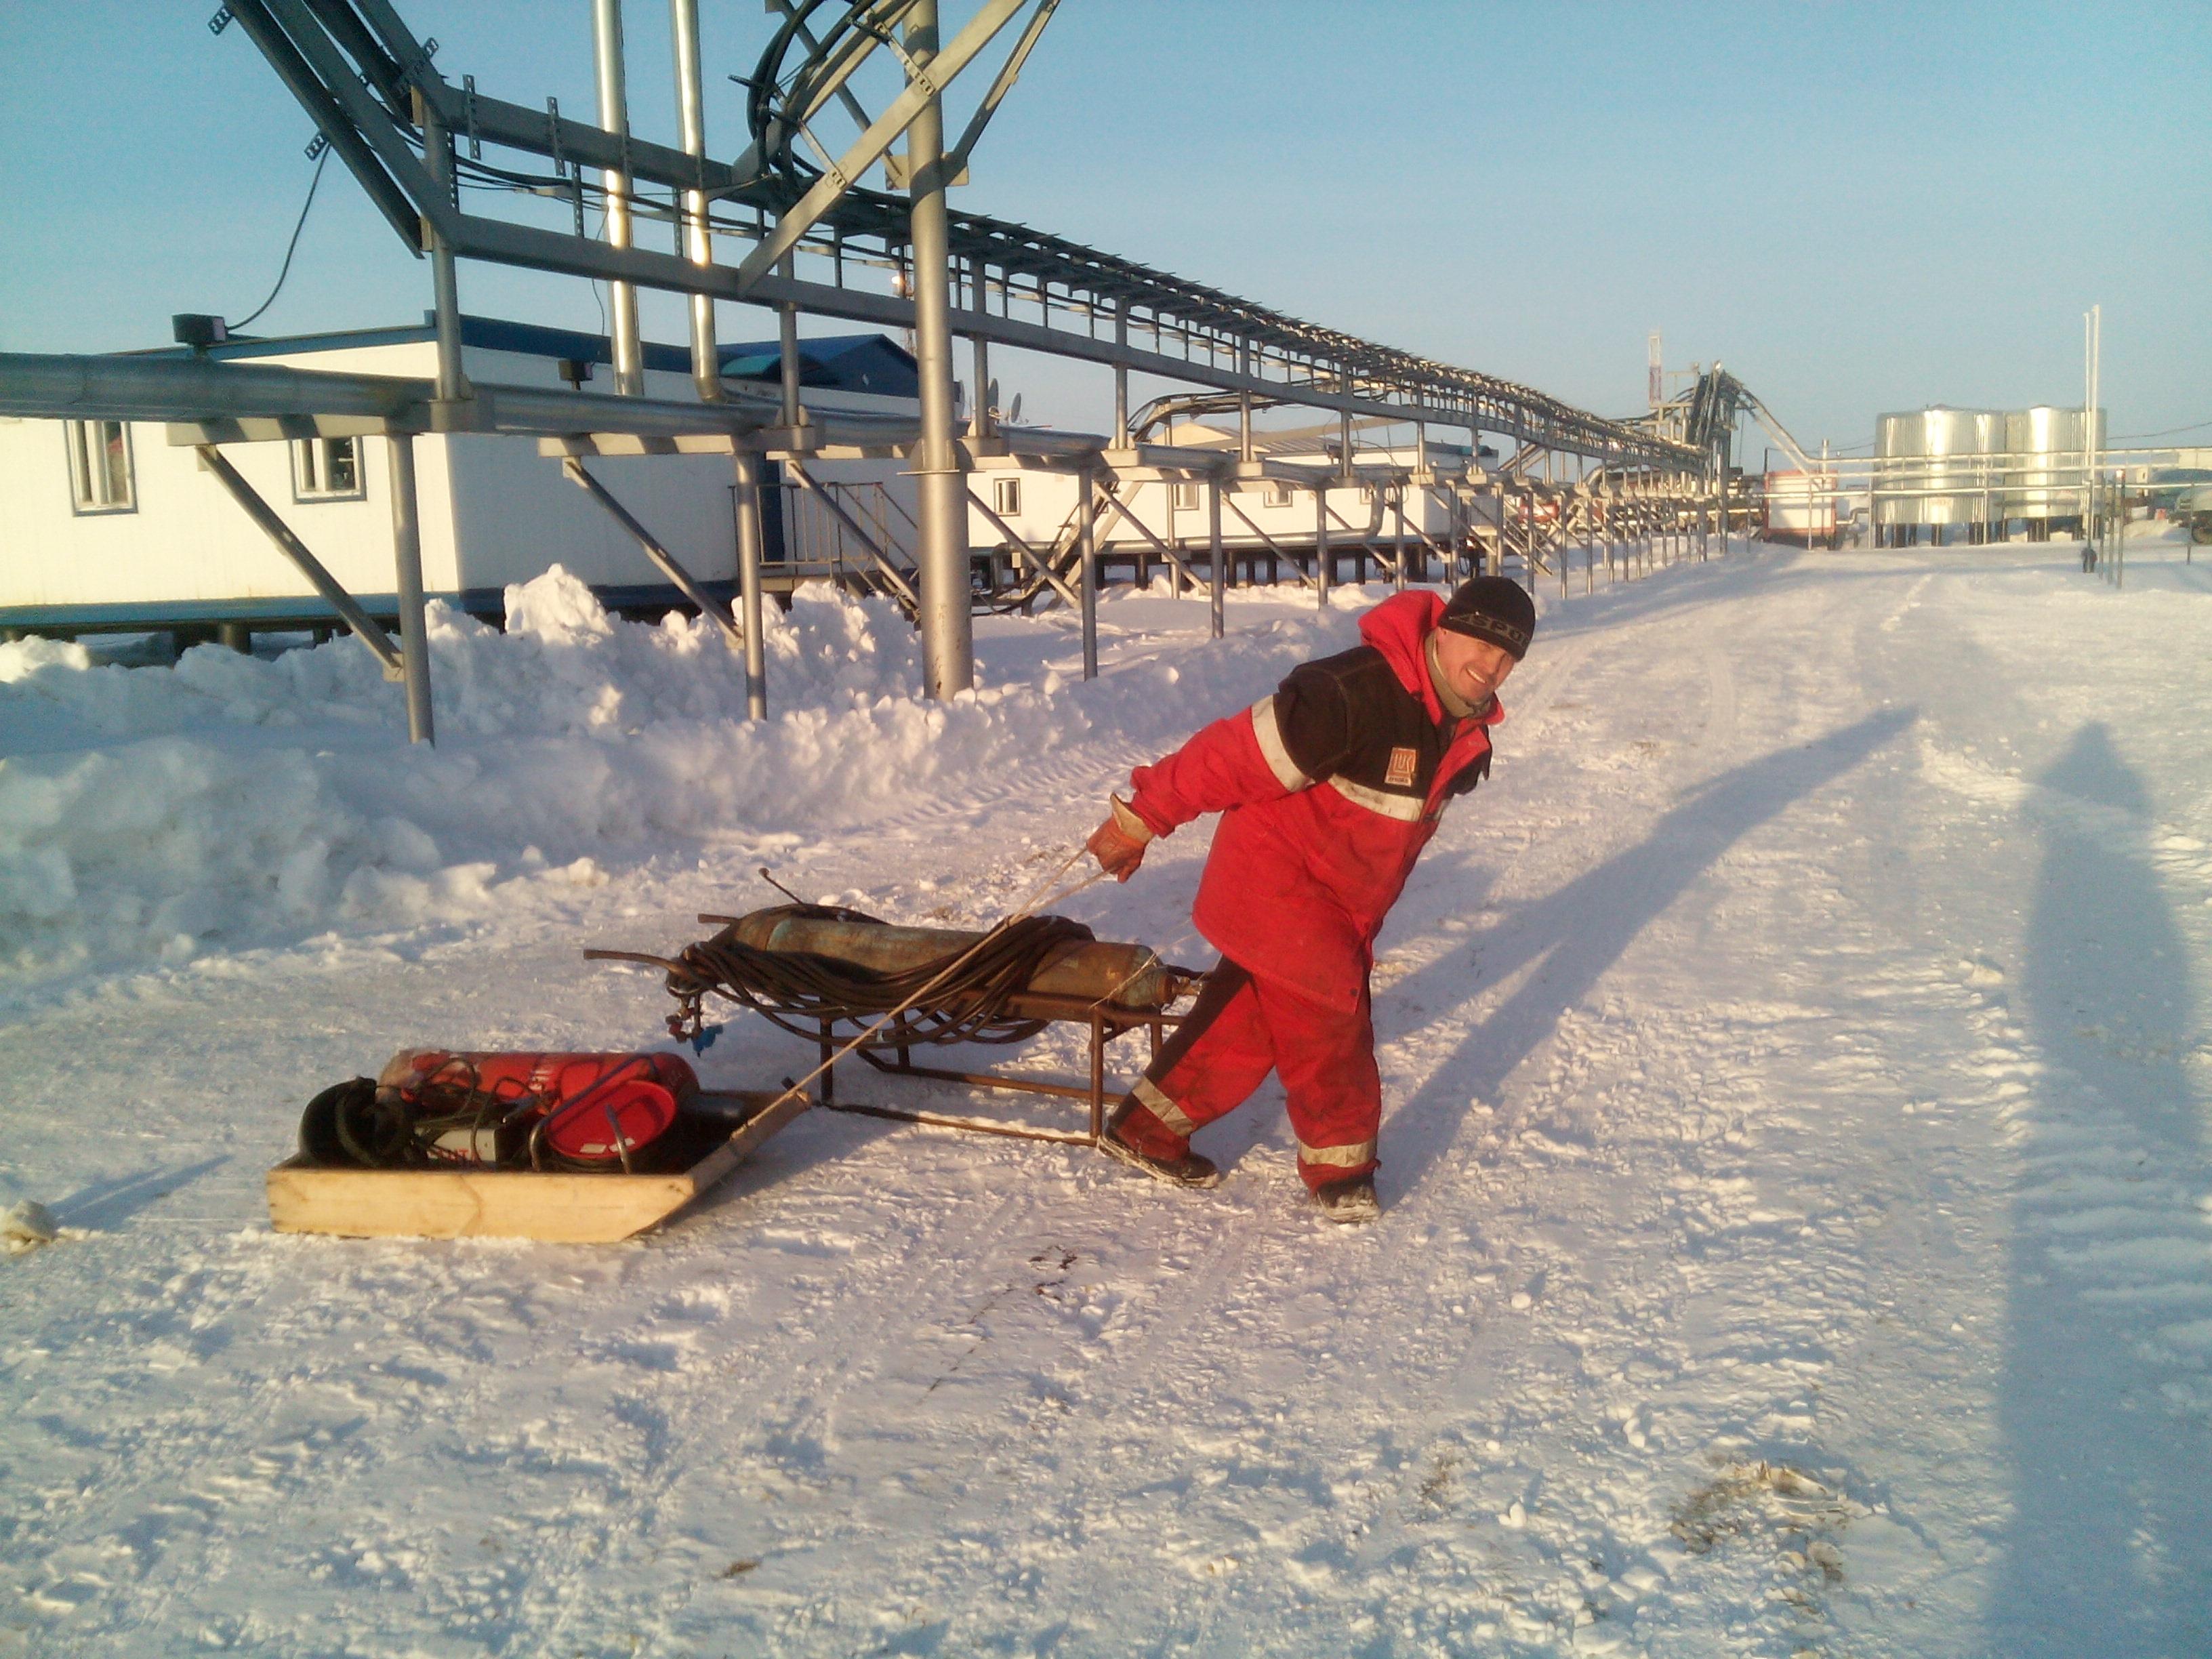 Лукойл Западная Сибирь Пякяхинское месторождение саарщик